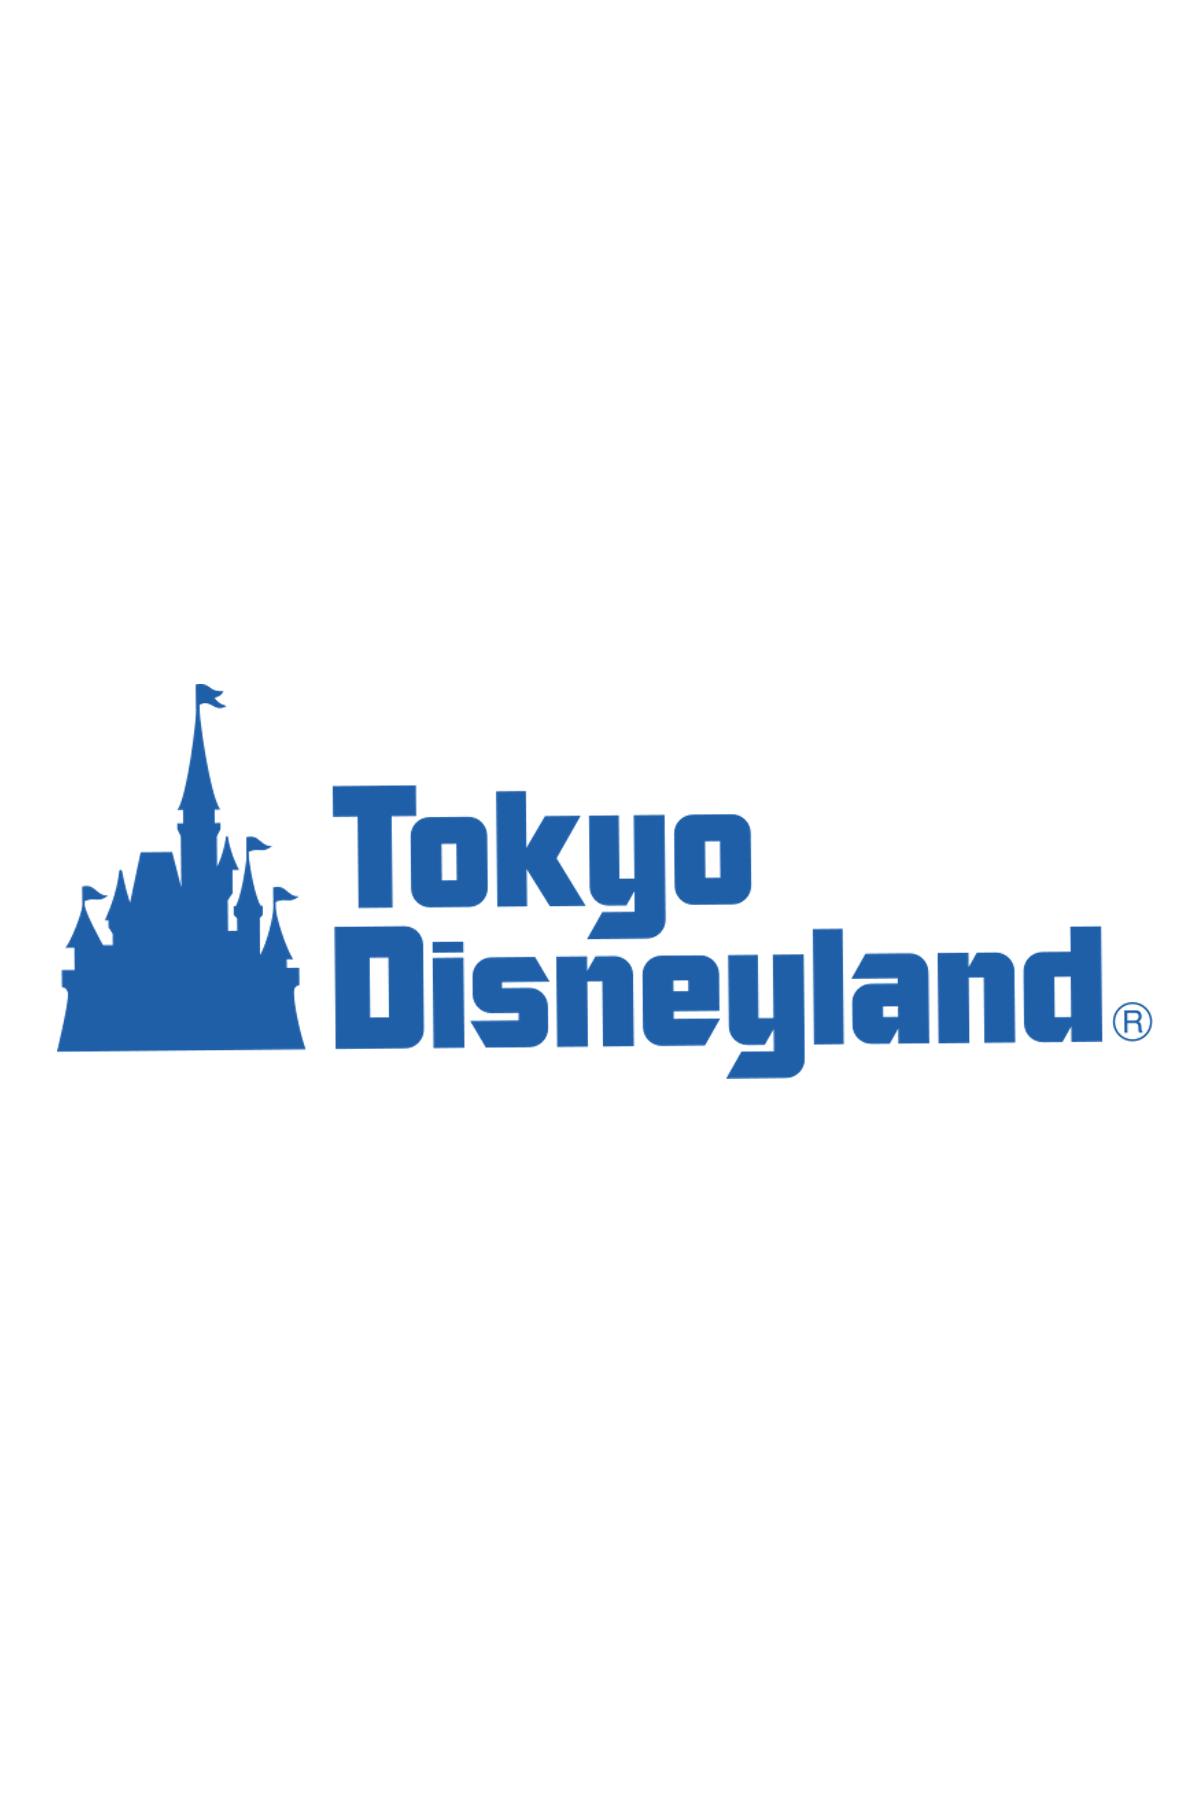 Tokyo Disney Grid.jpg